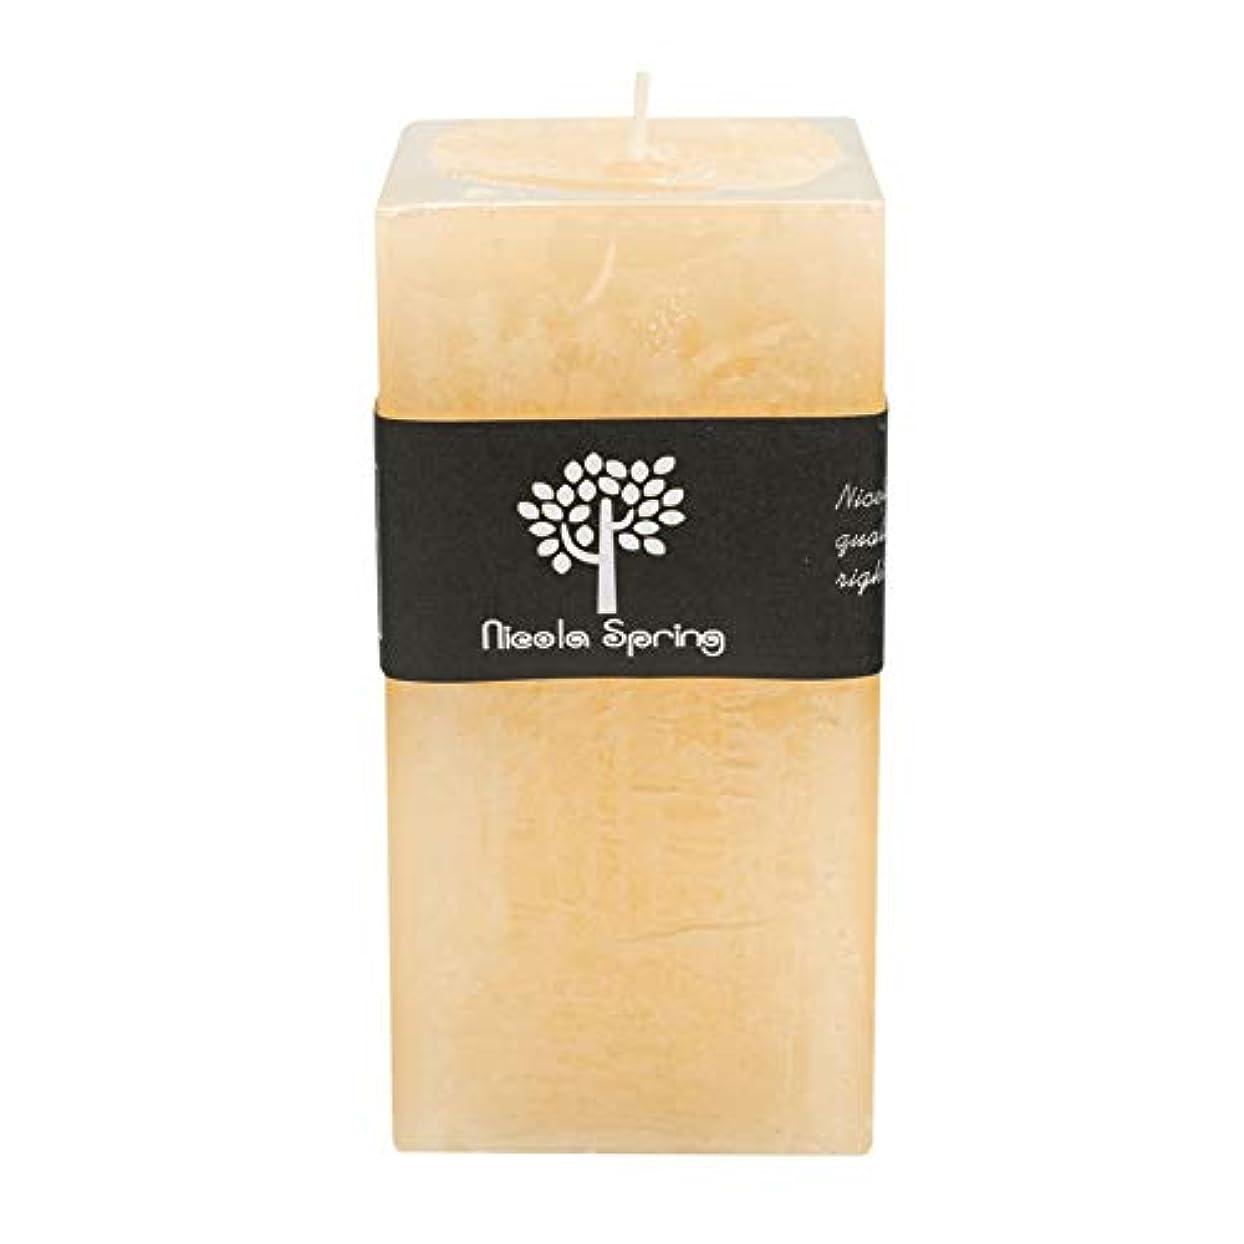 ローラーどうやって男らしさバニラ香りつき1 Wick Square Candle 150 x 75 x 75 mm。90hrs燃焼時間